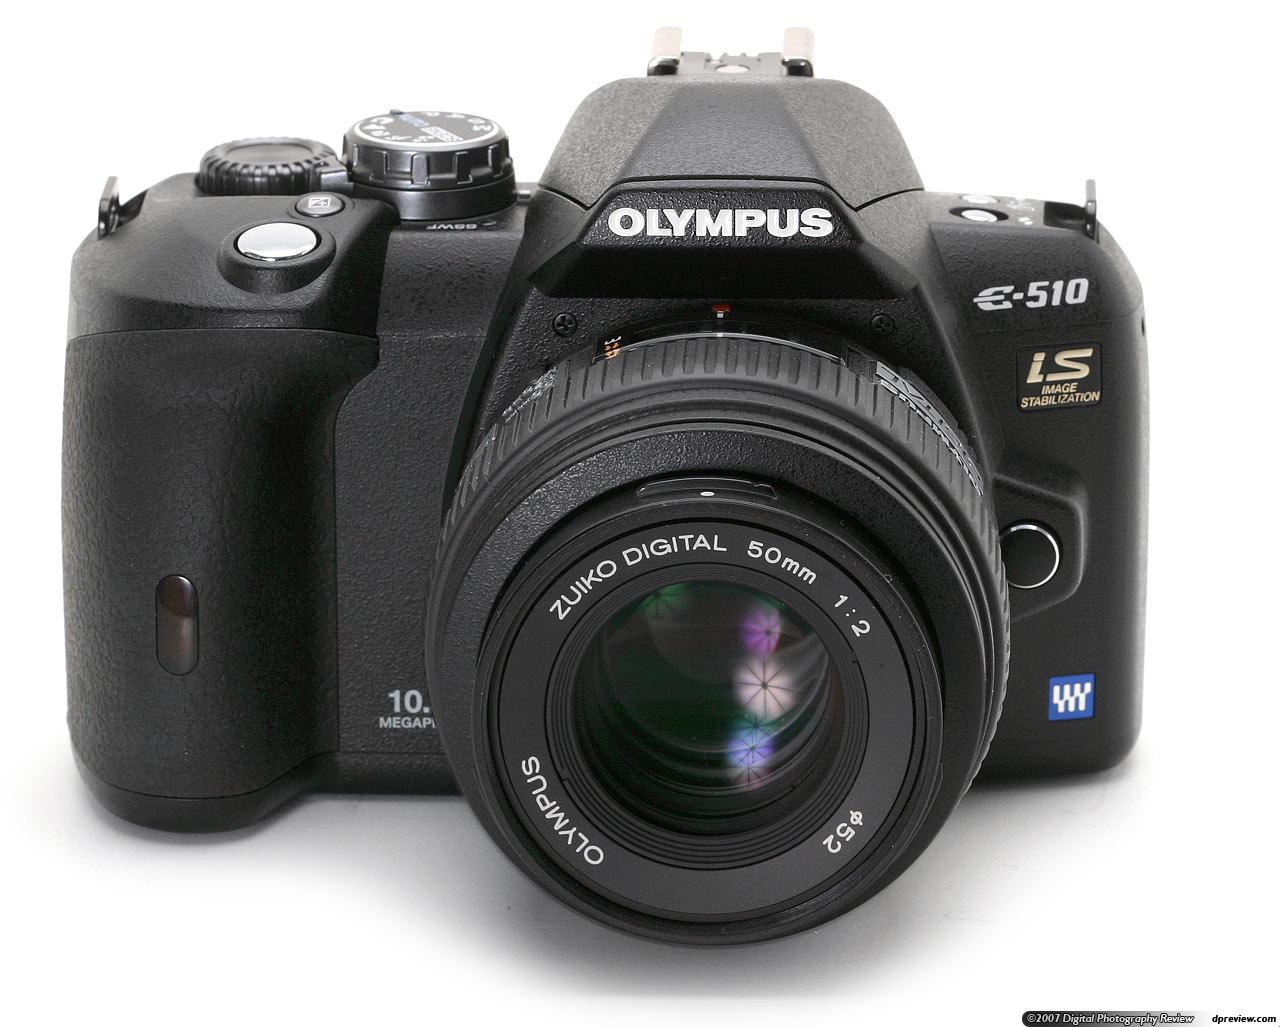 olympus e 510 evolt review digital photography review rh dpreview com Olympus E510 Sample Photo olympus camera e510 manual